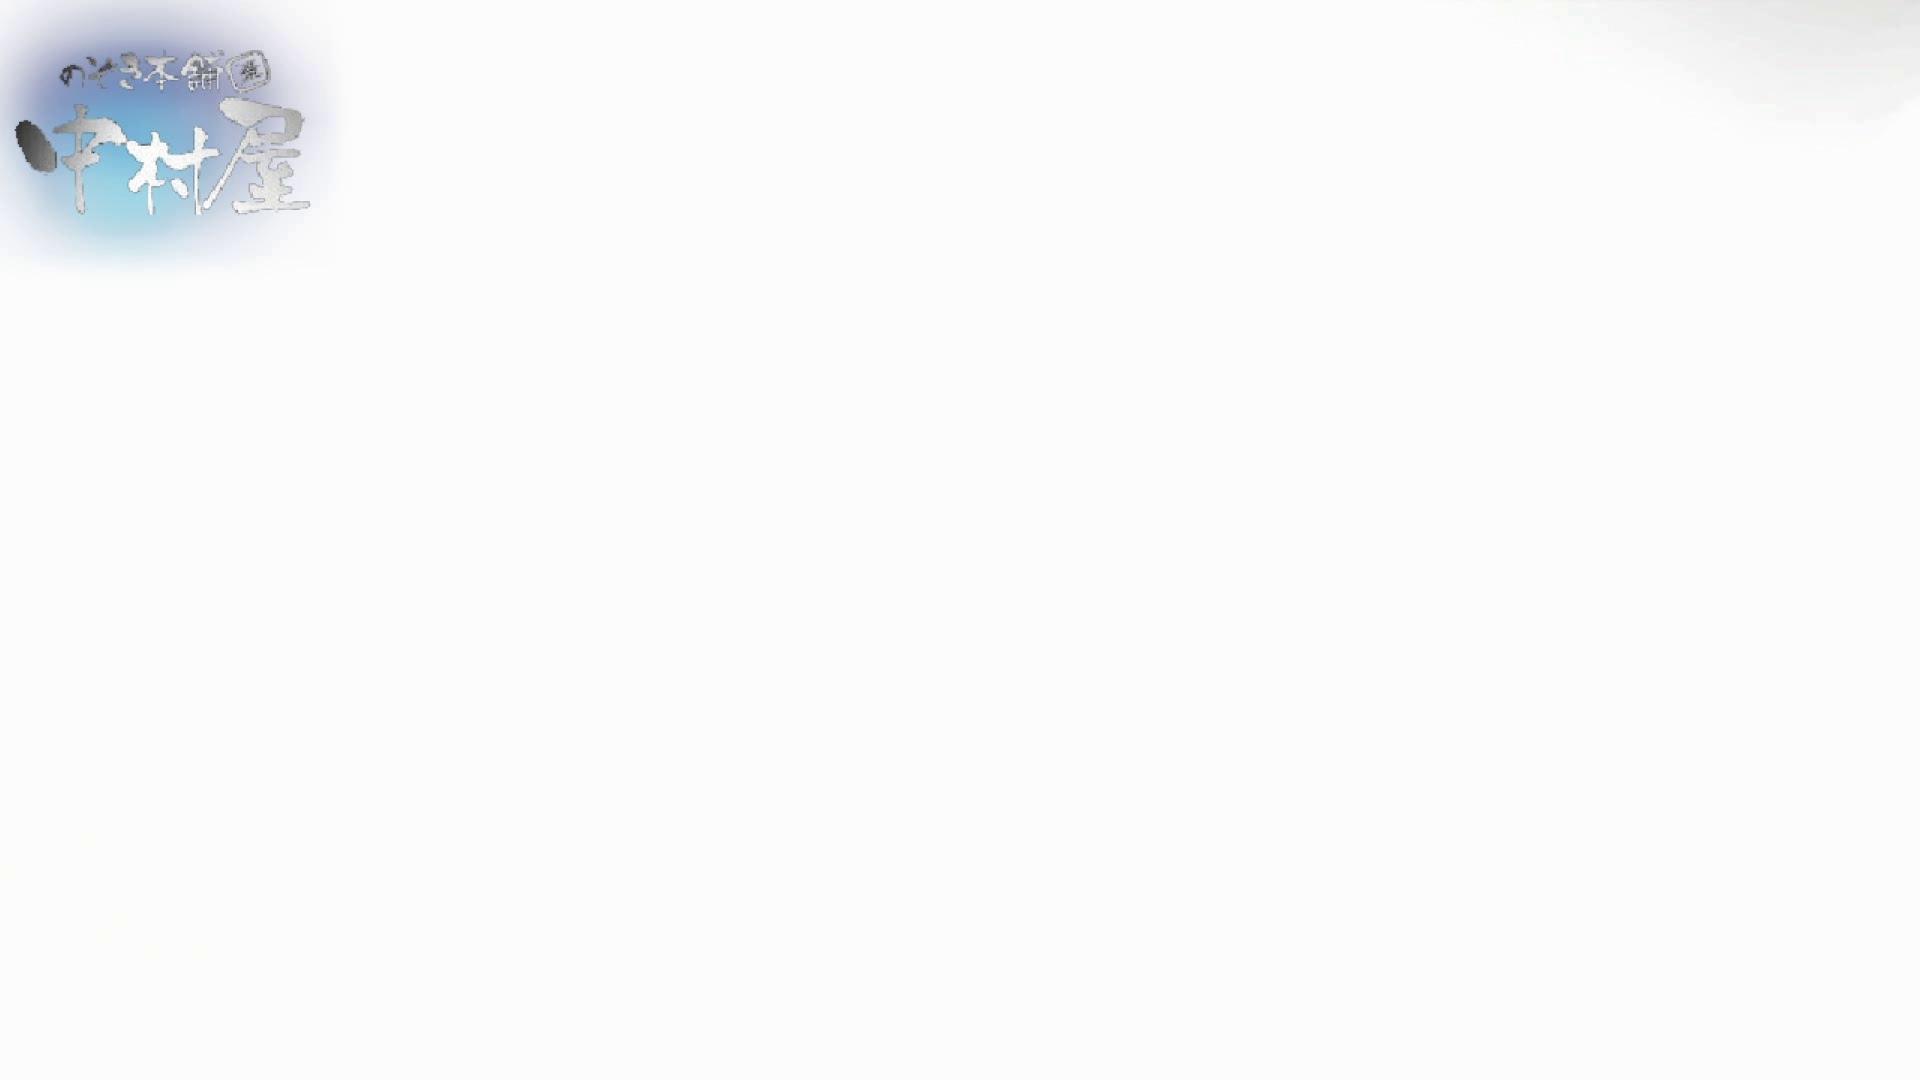 乙女集まる!ショッピングモール潜入撮vol.12 和式 盗撮動画紹介 92画像 17